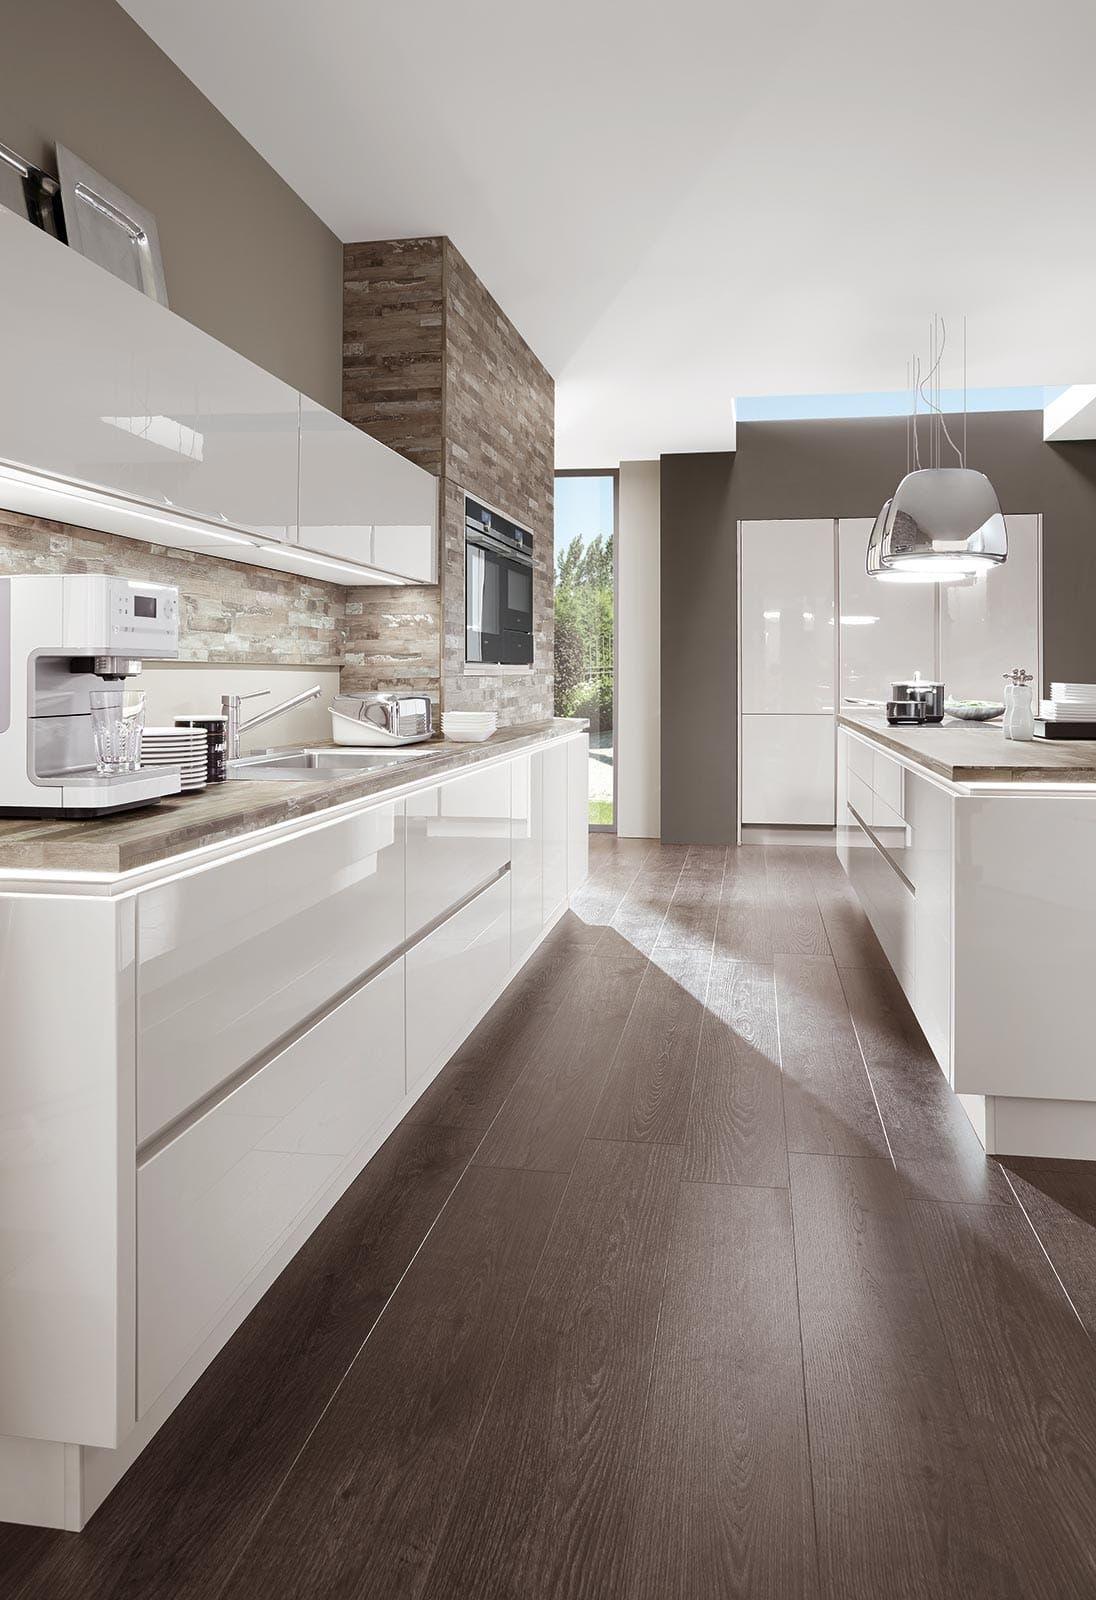 U küchendesignpläne küchenzeile küche hochglanz weiß norina   kitchen  pinterest